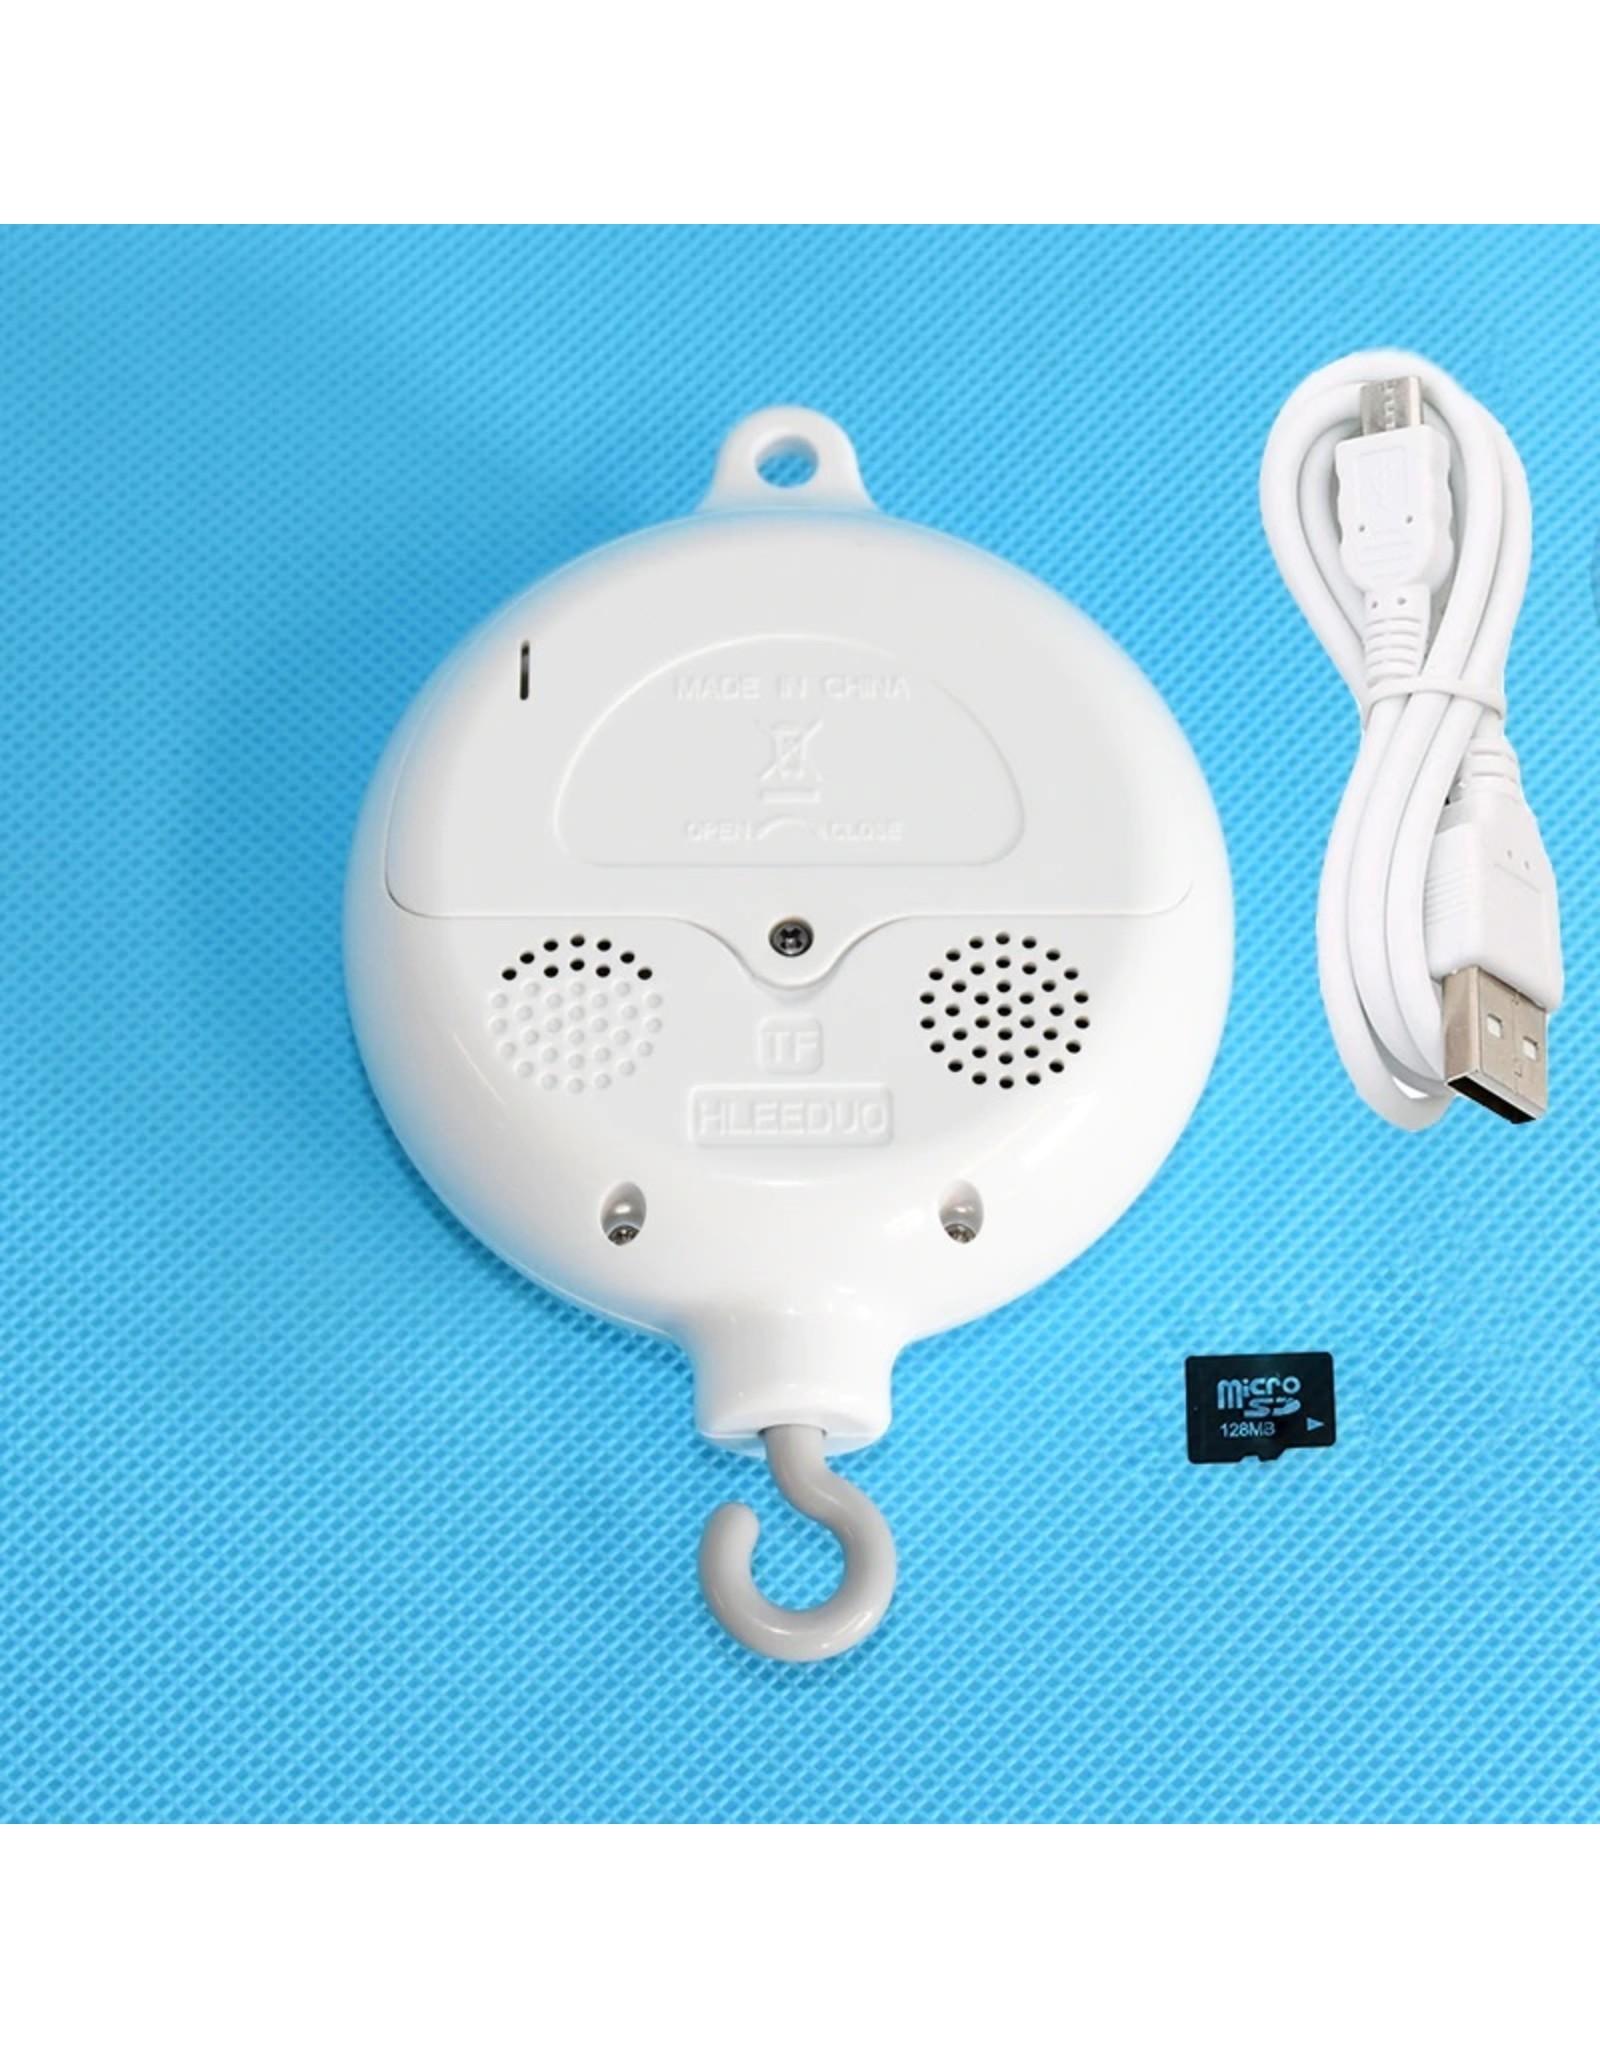 TI283 128 MB USB: (inclusief 1 x ABS Baby Muziek mobiel doosje + USB-oplader + 128 MB-kaart)